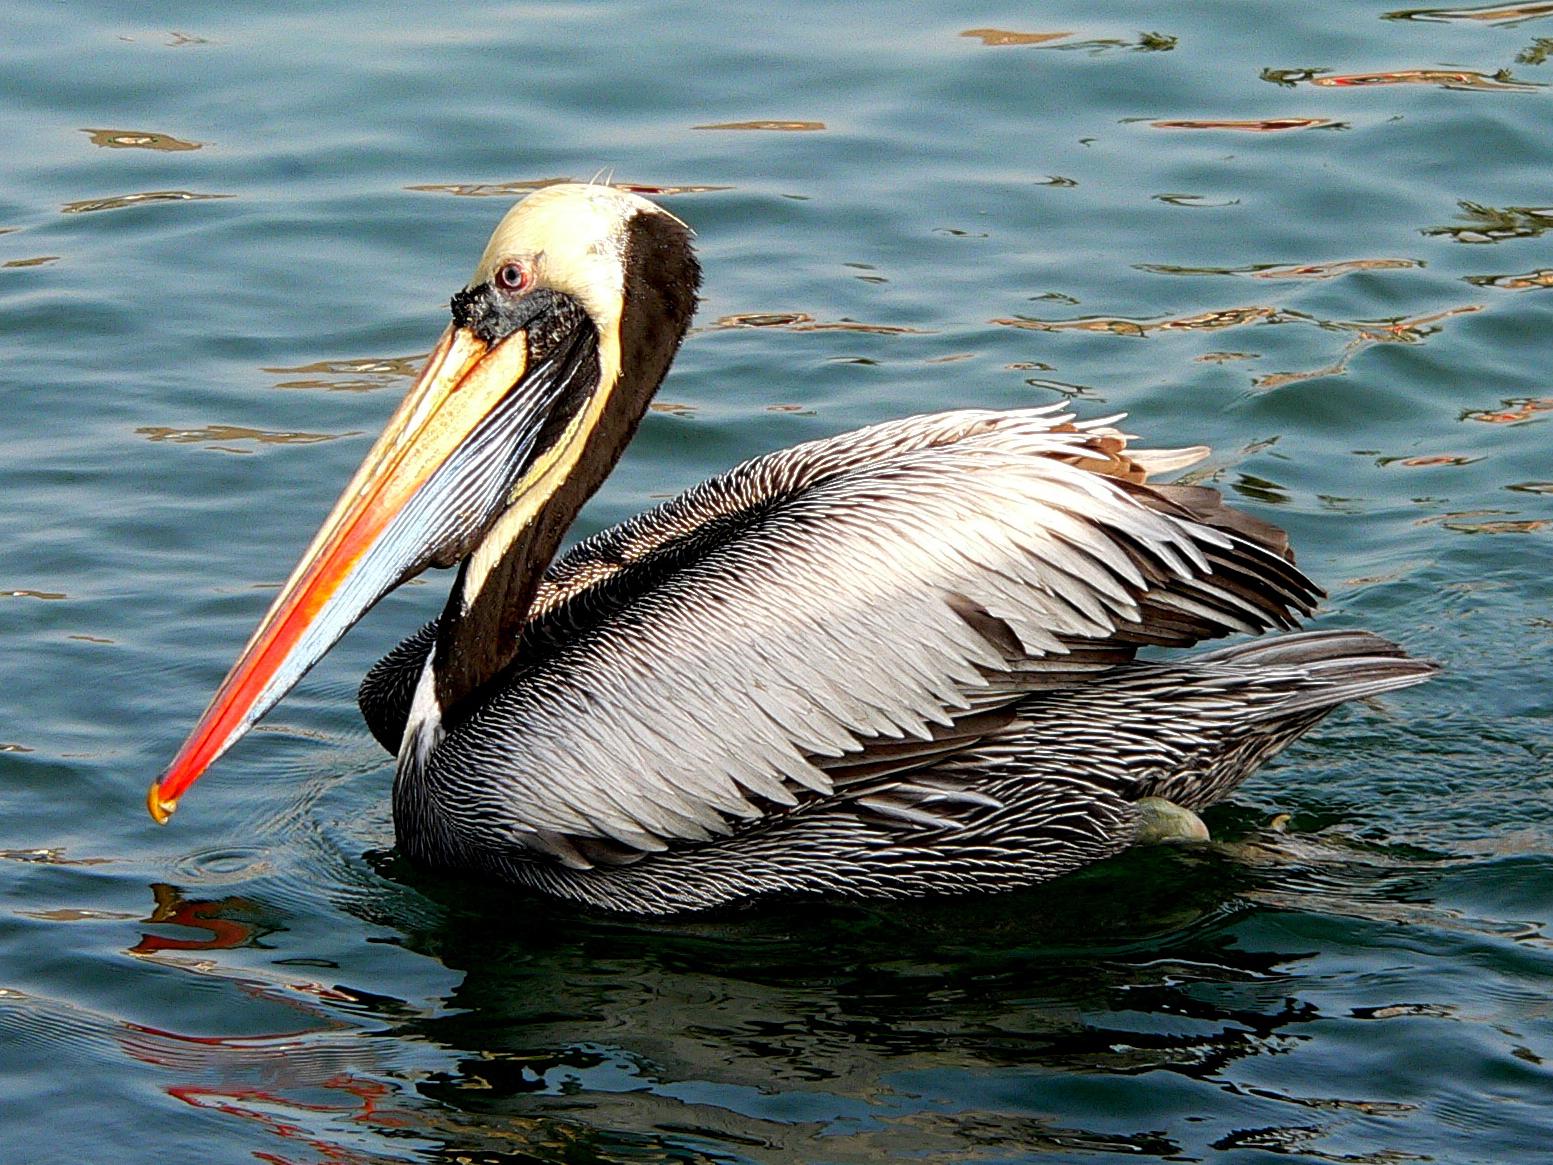 Pelecanus thagus wikipedia la enciclopedia libre - Fotos de pelicanos ...